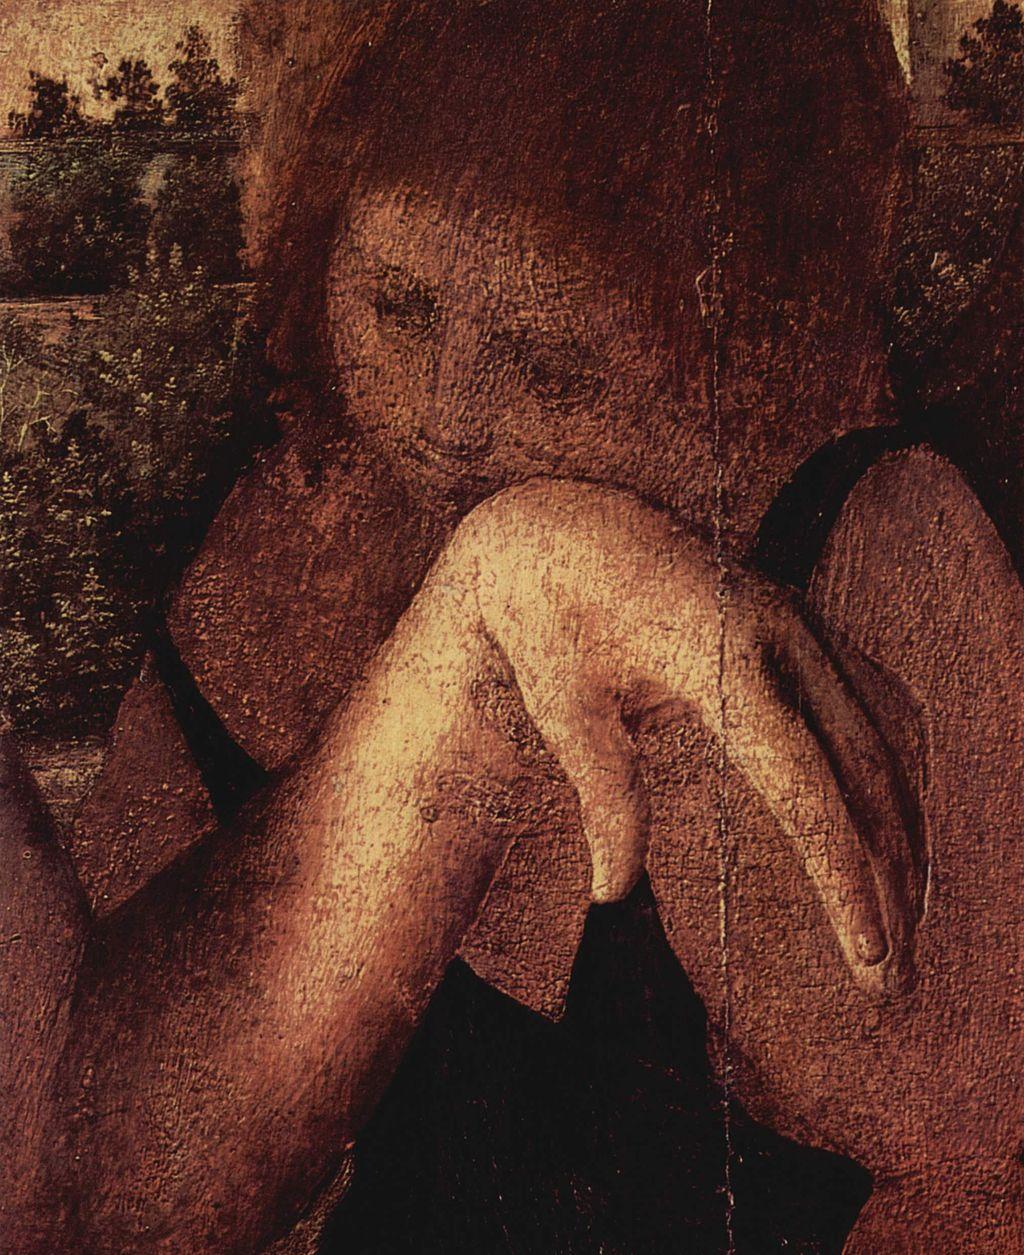 Antonello da Messina (1430–1479), Cristo morto sostenuto da tre angeli (particolare), 1475-1476 circa, olio su tavola di pioppo, 145×85 cm, Venezia, Museo Correr